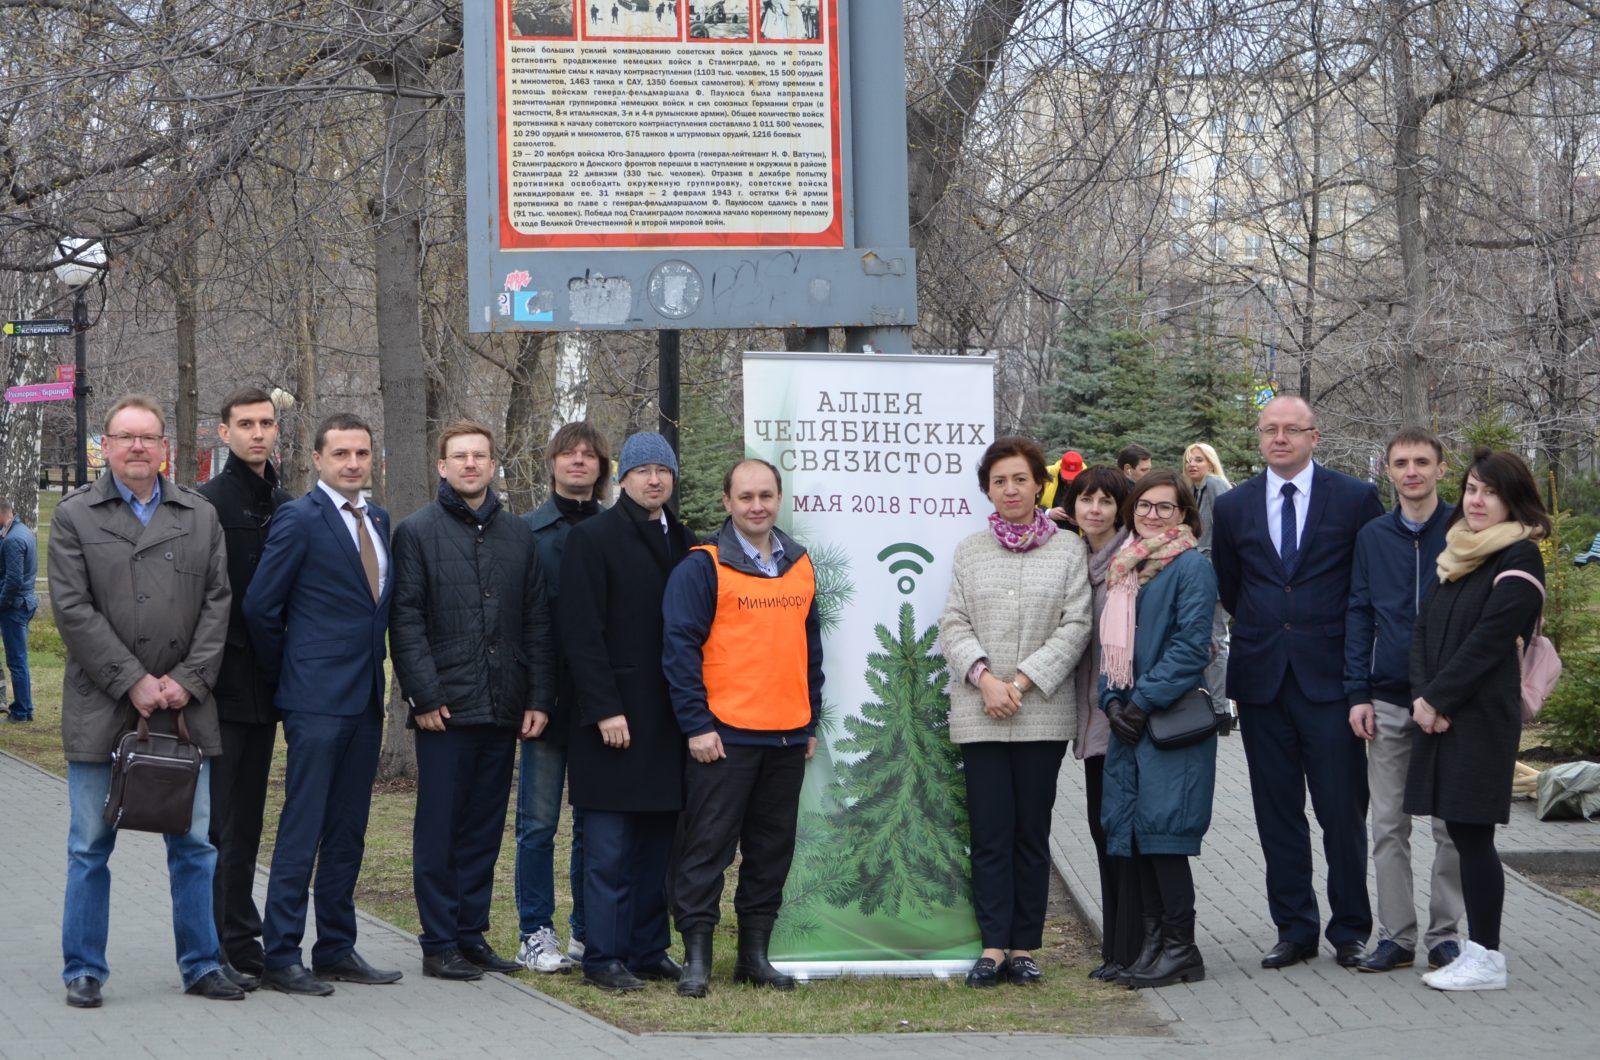 Челябинская область поделилась секретом лидерства по темпам цифровизации регионов по итогам 2018 года